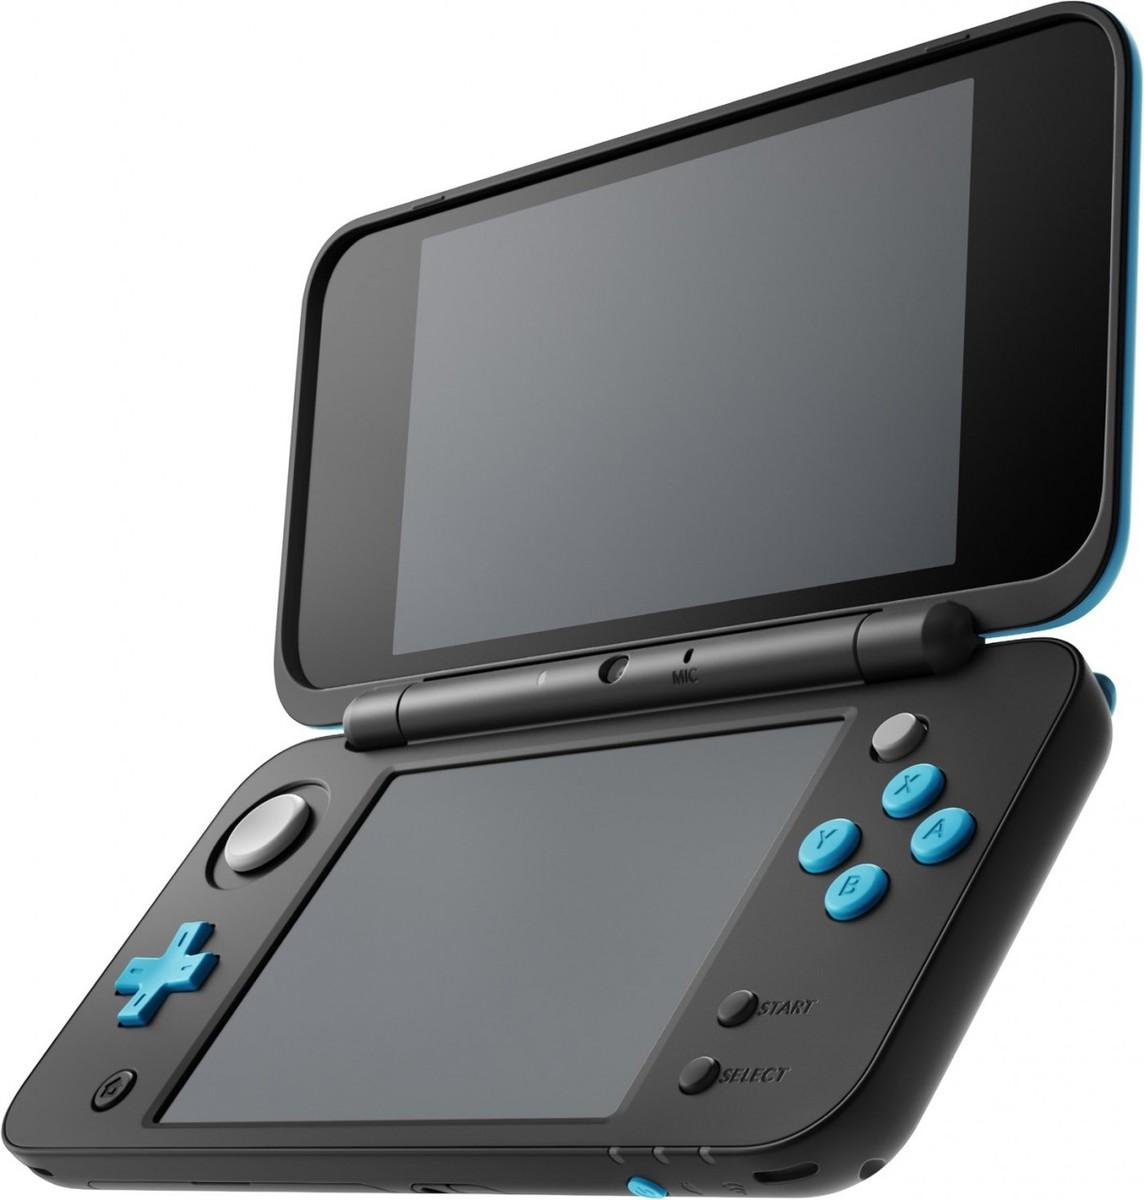 Bild 3 von Nintendo New 2DS Konsole XL | B-Ware - Artikel  wurde vom Hersteller geprüft - technisch einwandfrei